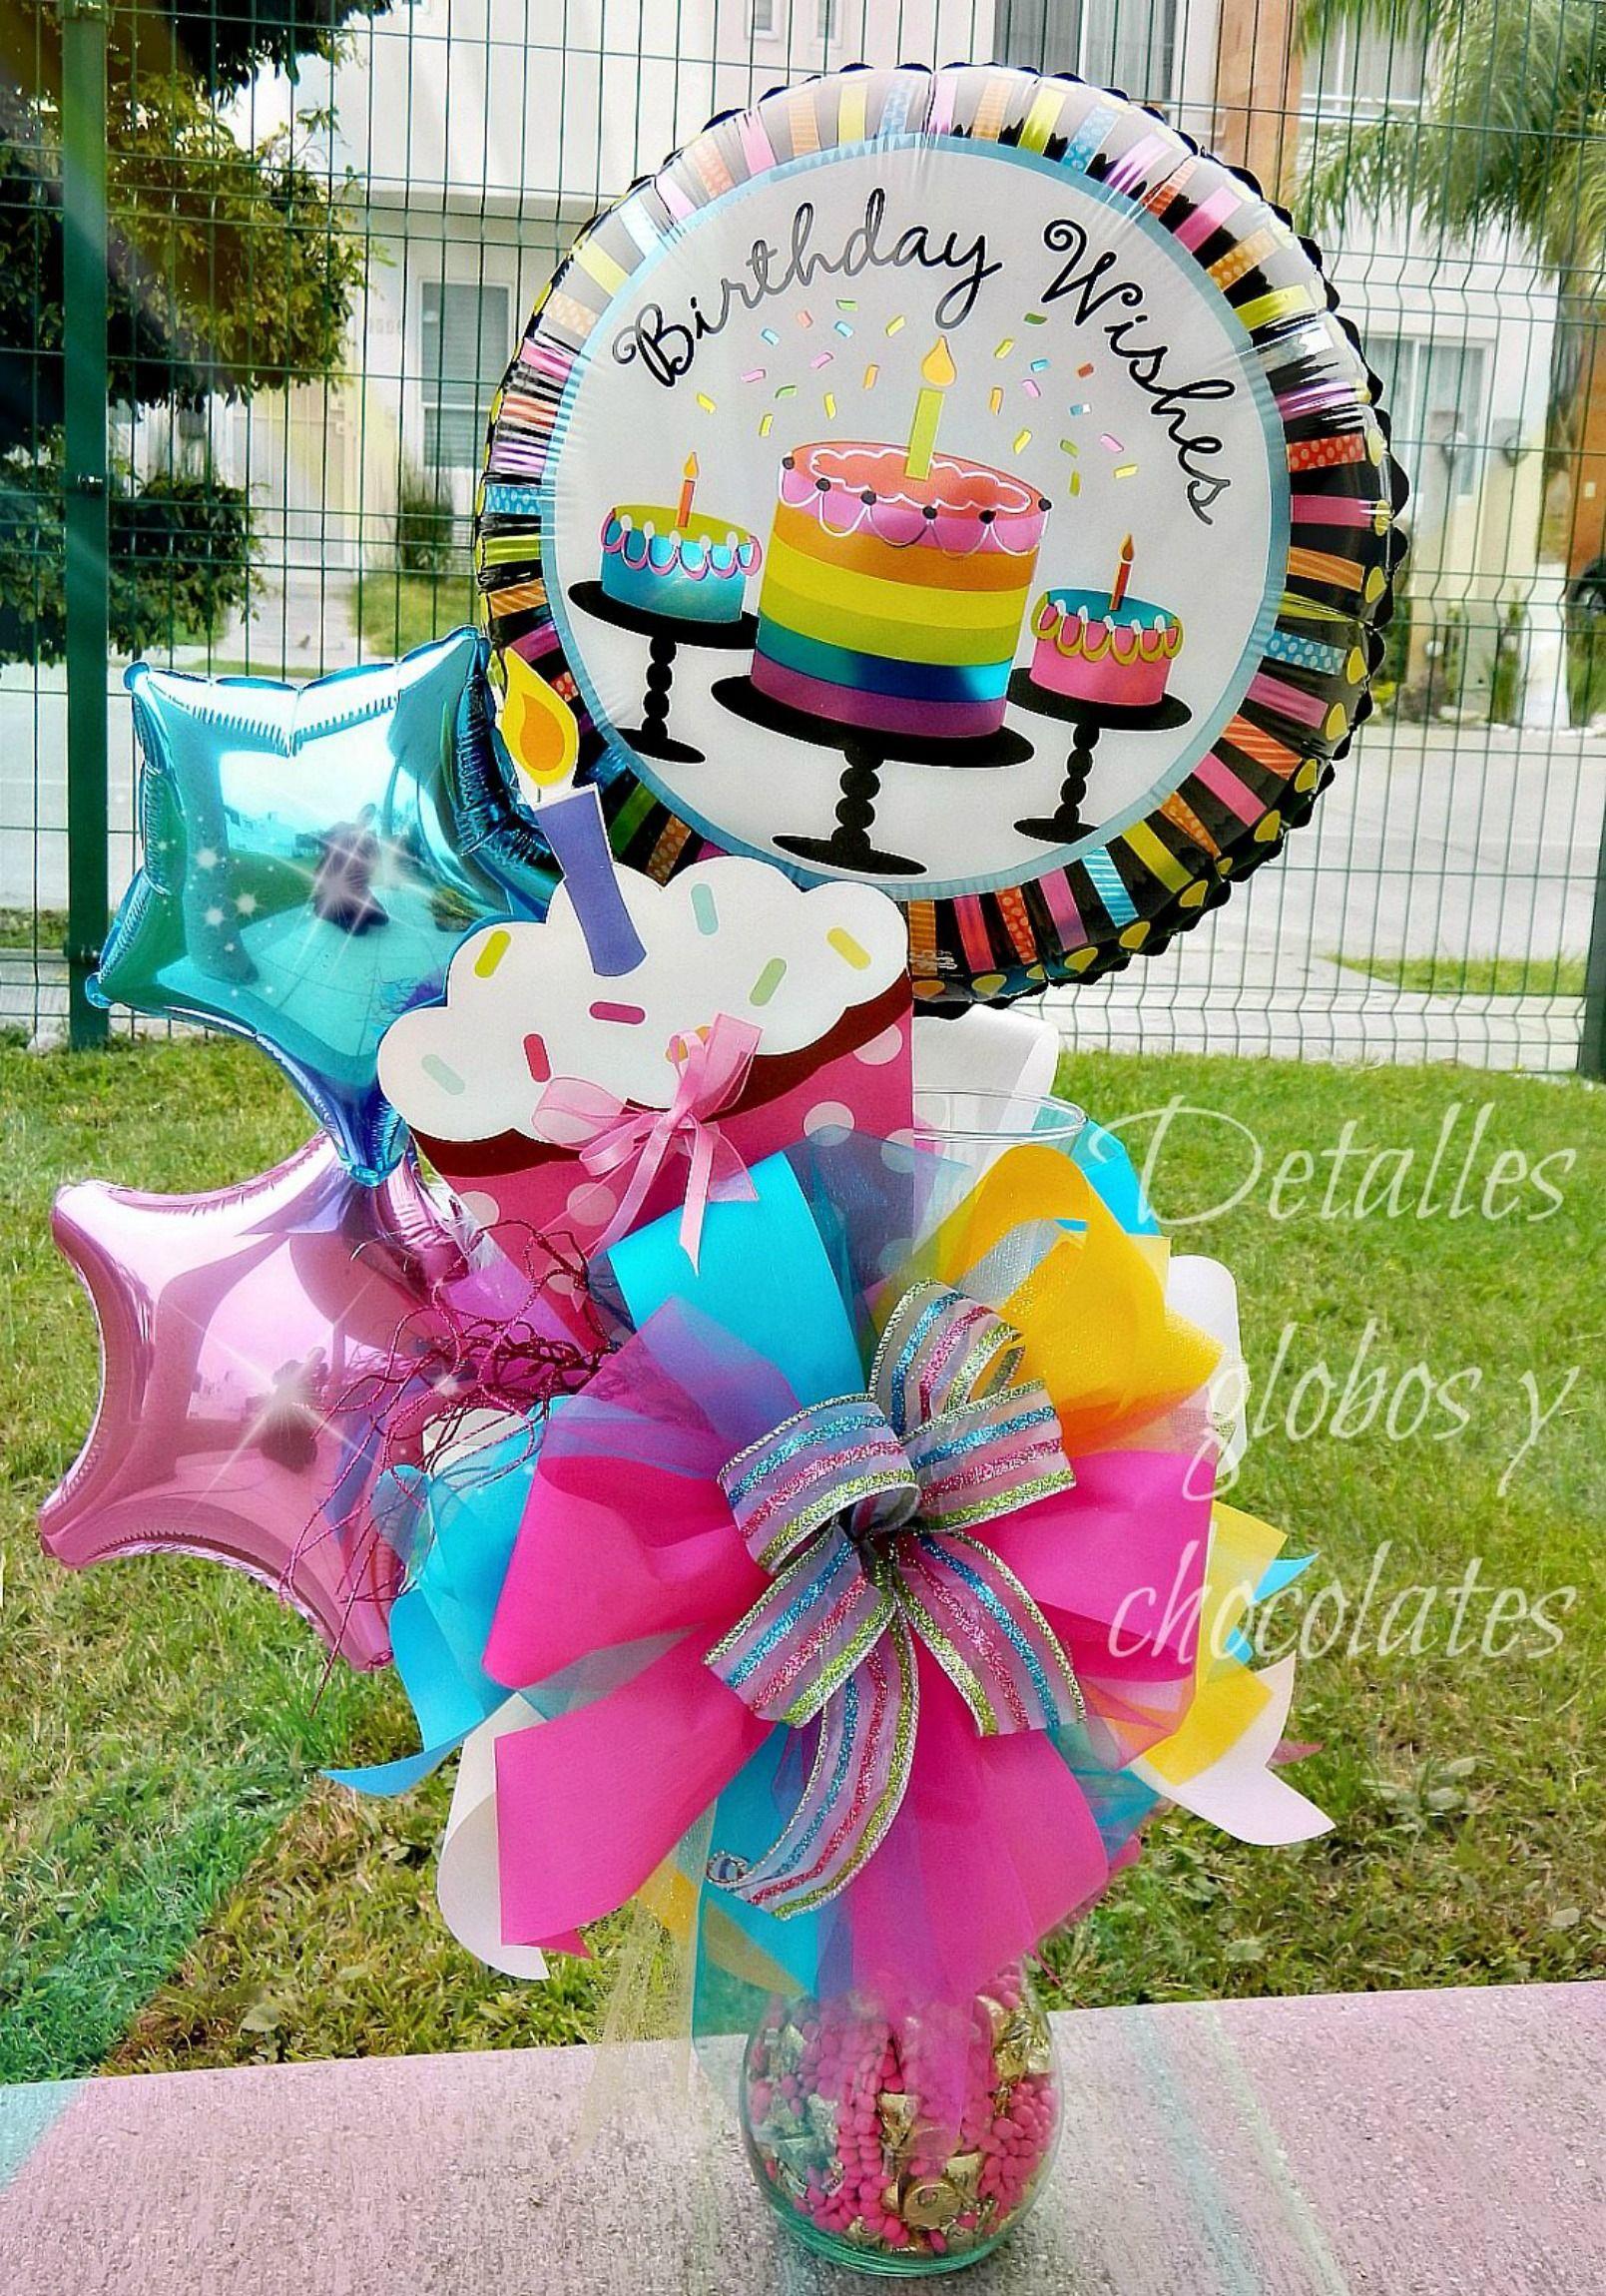 M s de 25 ideas incre bles sobre adornos con globos en for Detalles de decoracion